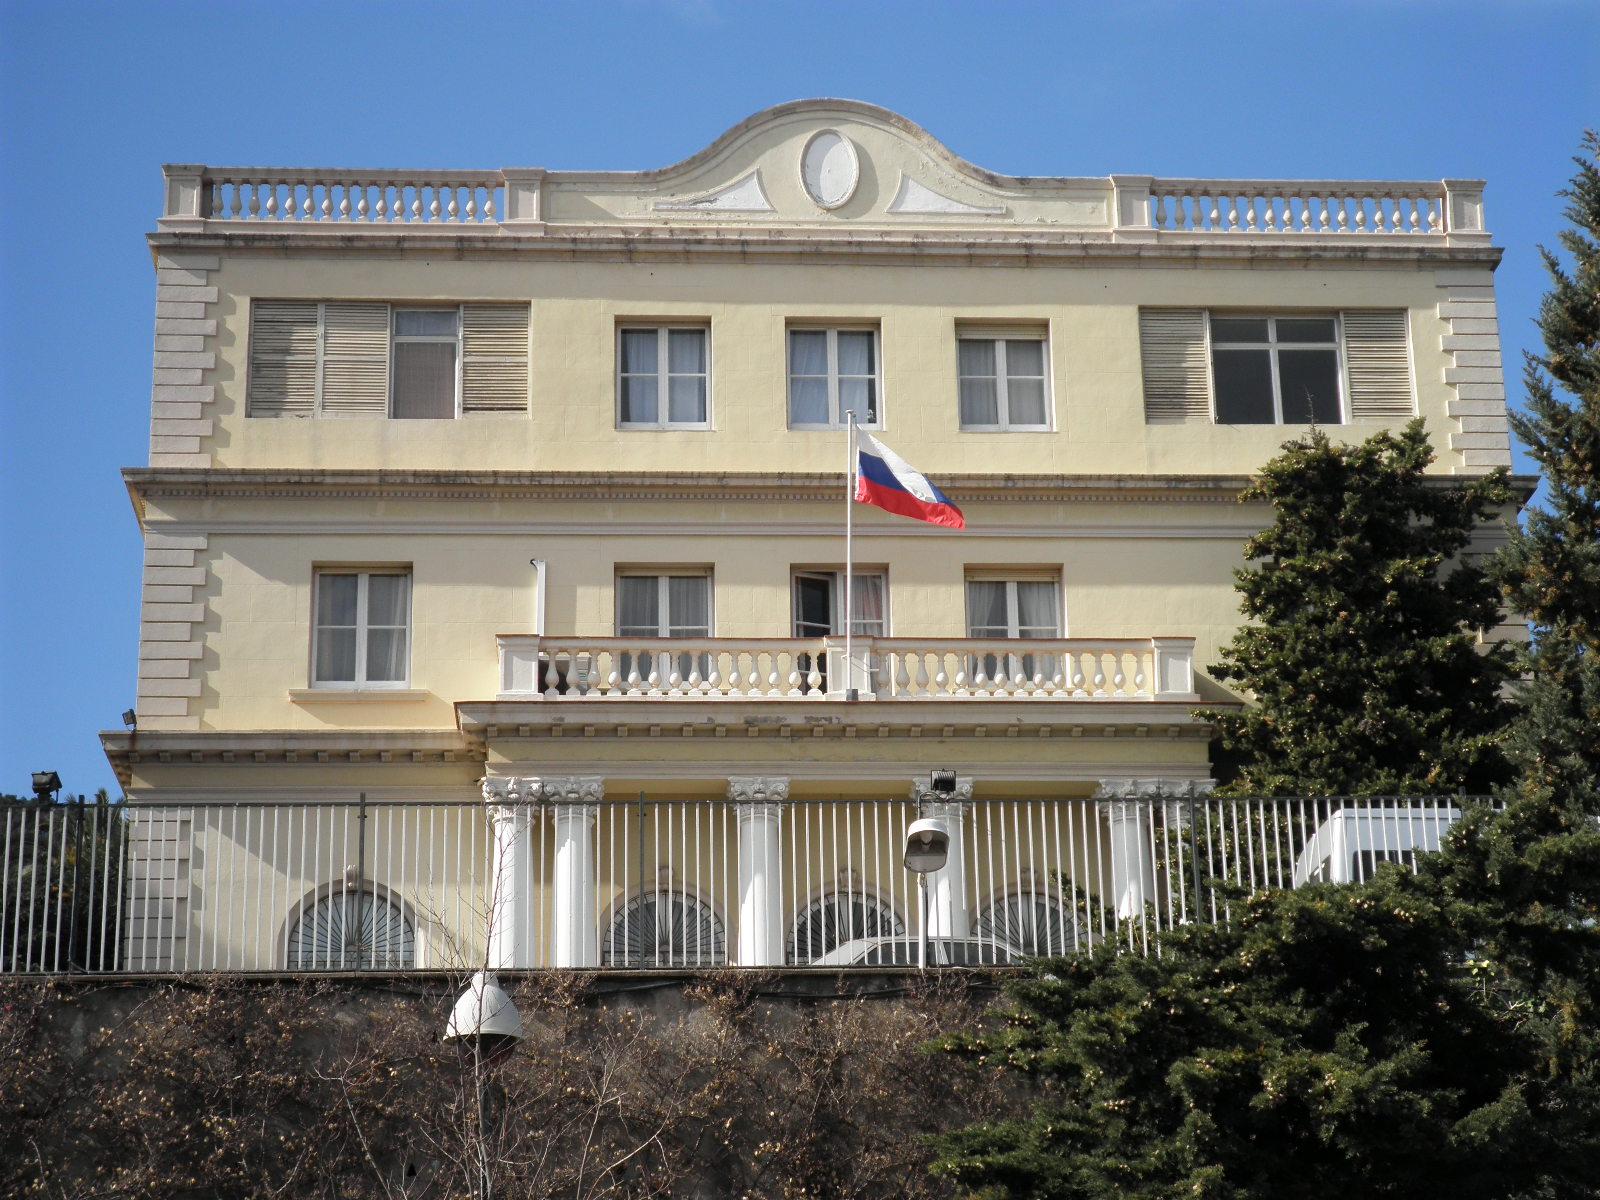 Consulado ruso en espa a espa a rusa - Embaja de espana ...